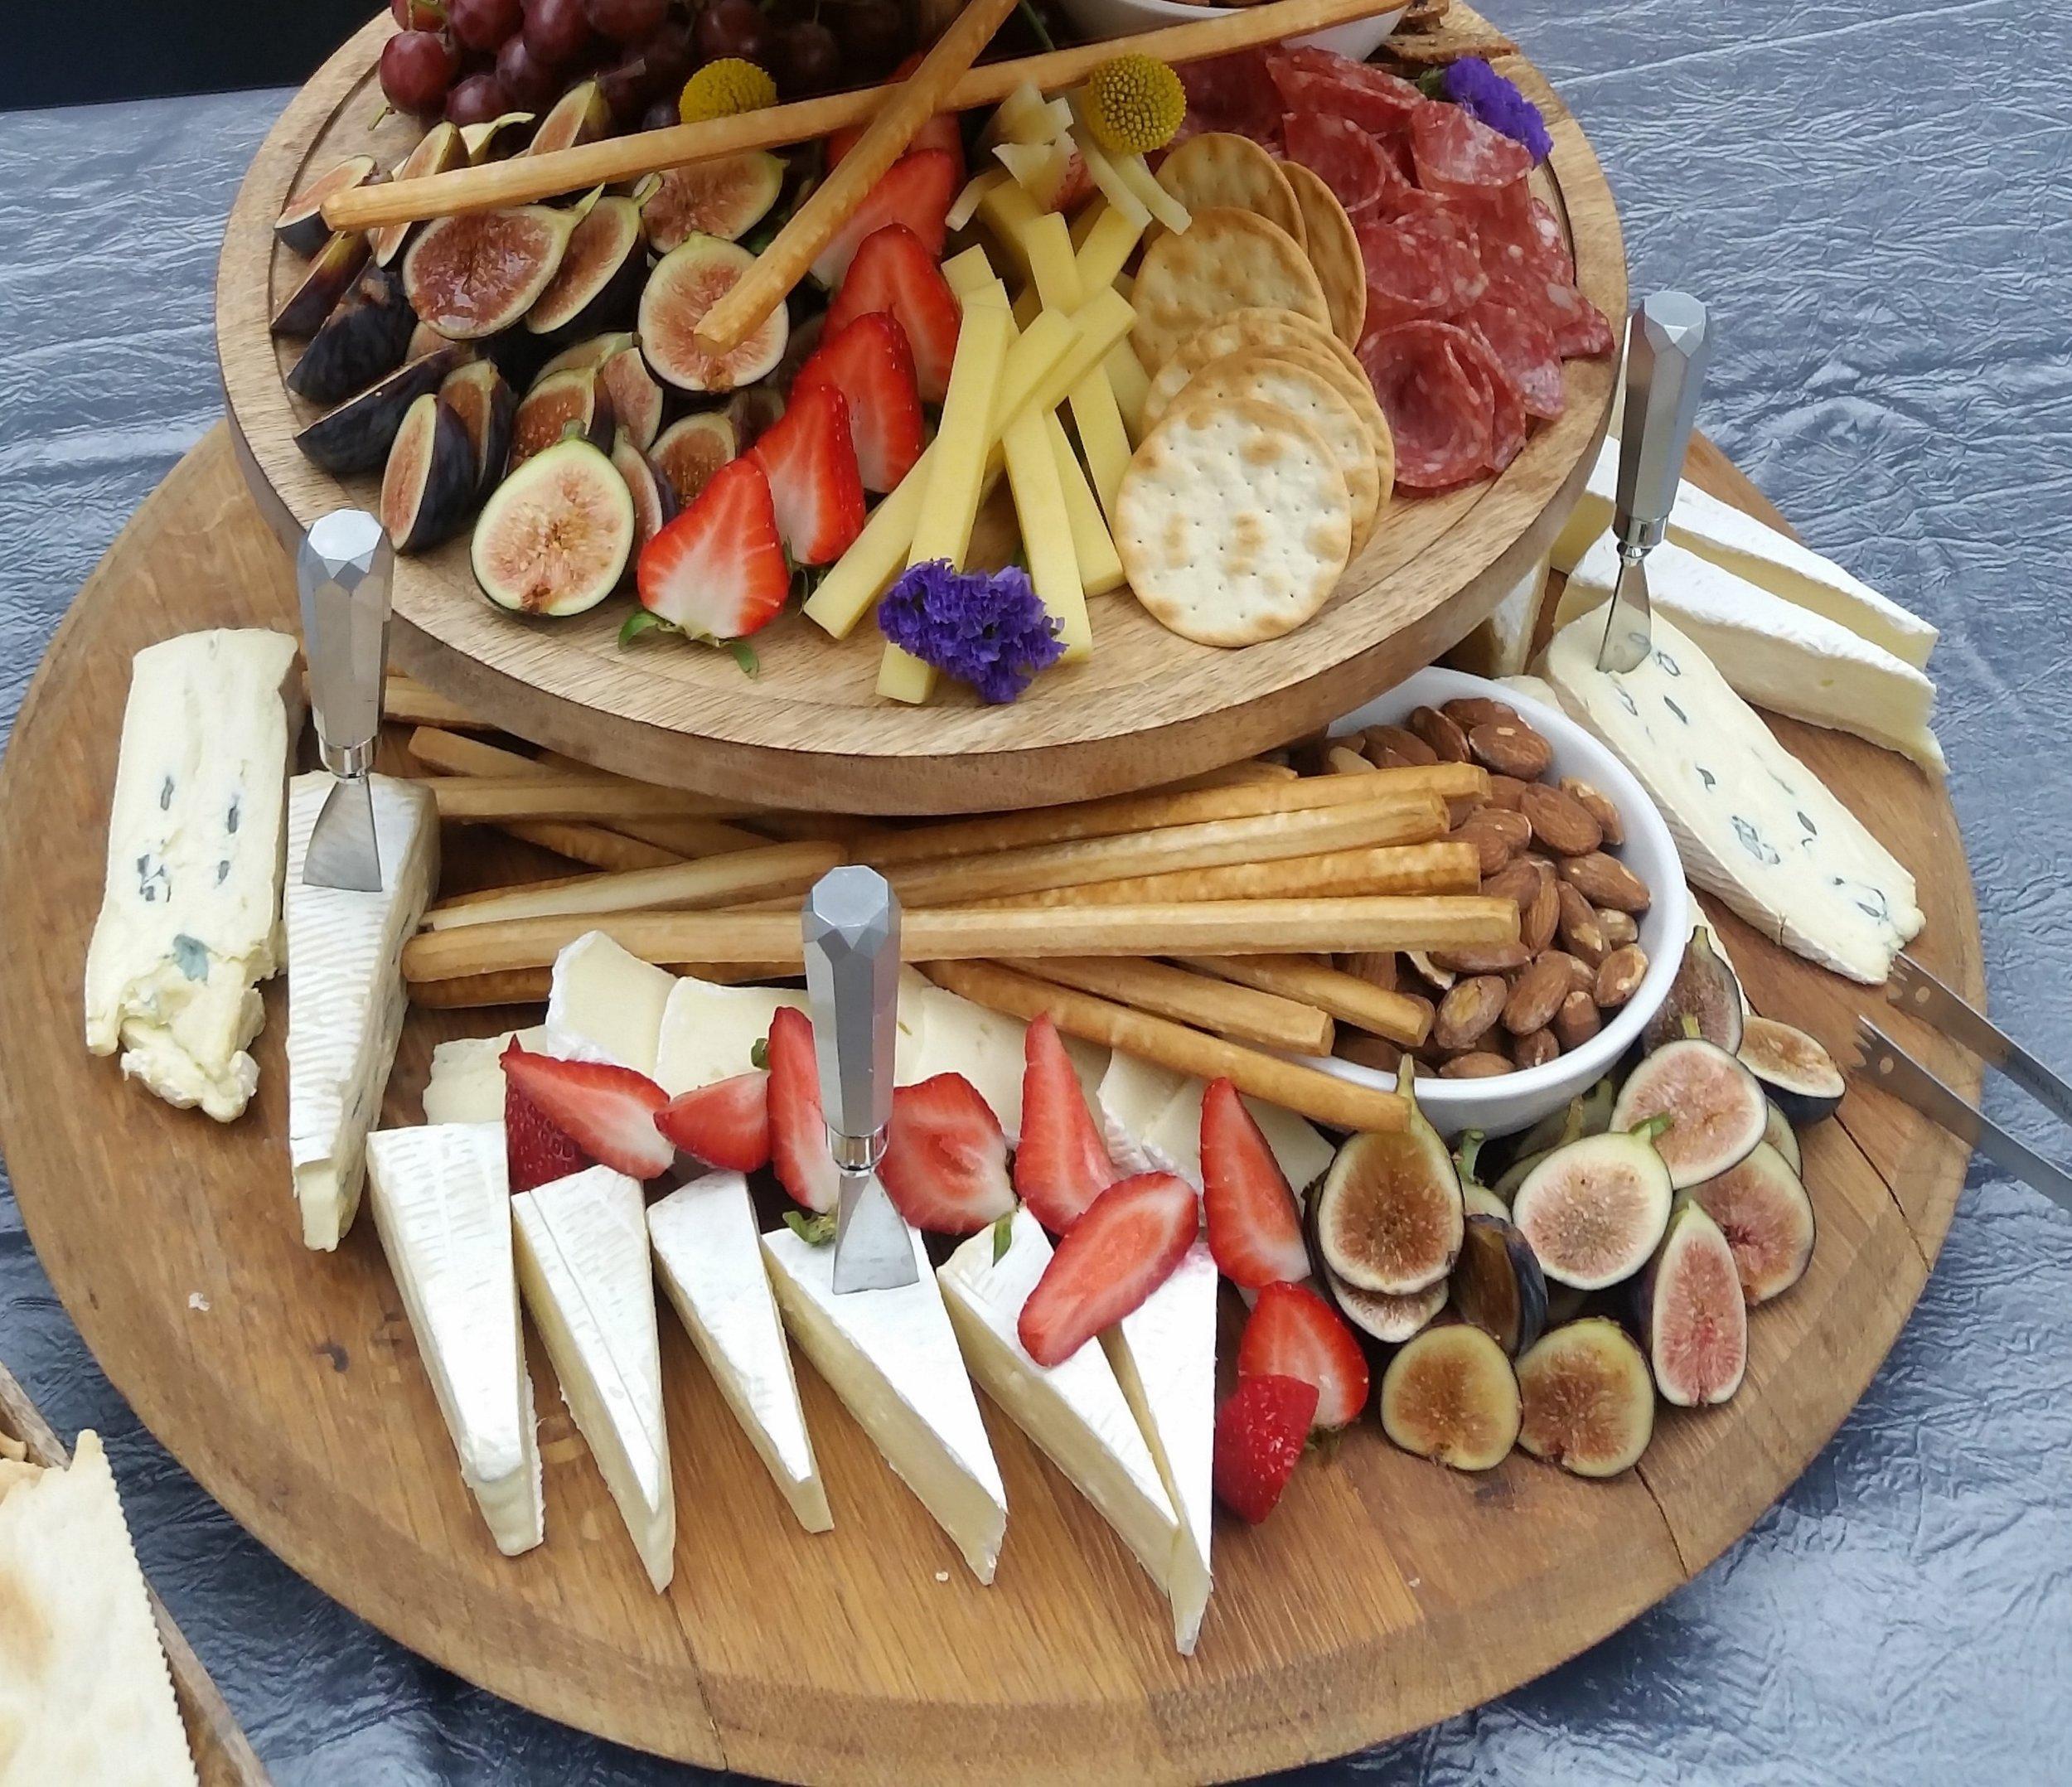 Webp.net-compress-image.jpg cheese.jpg